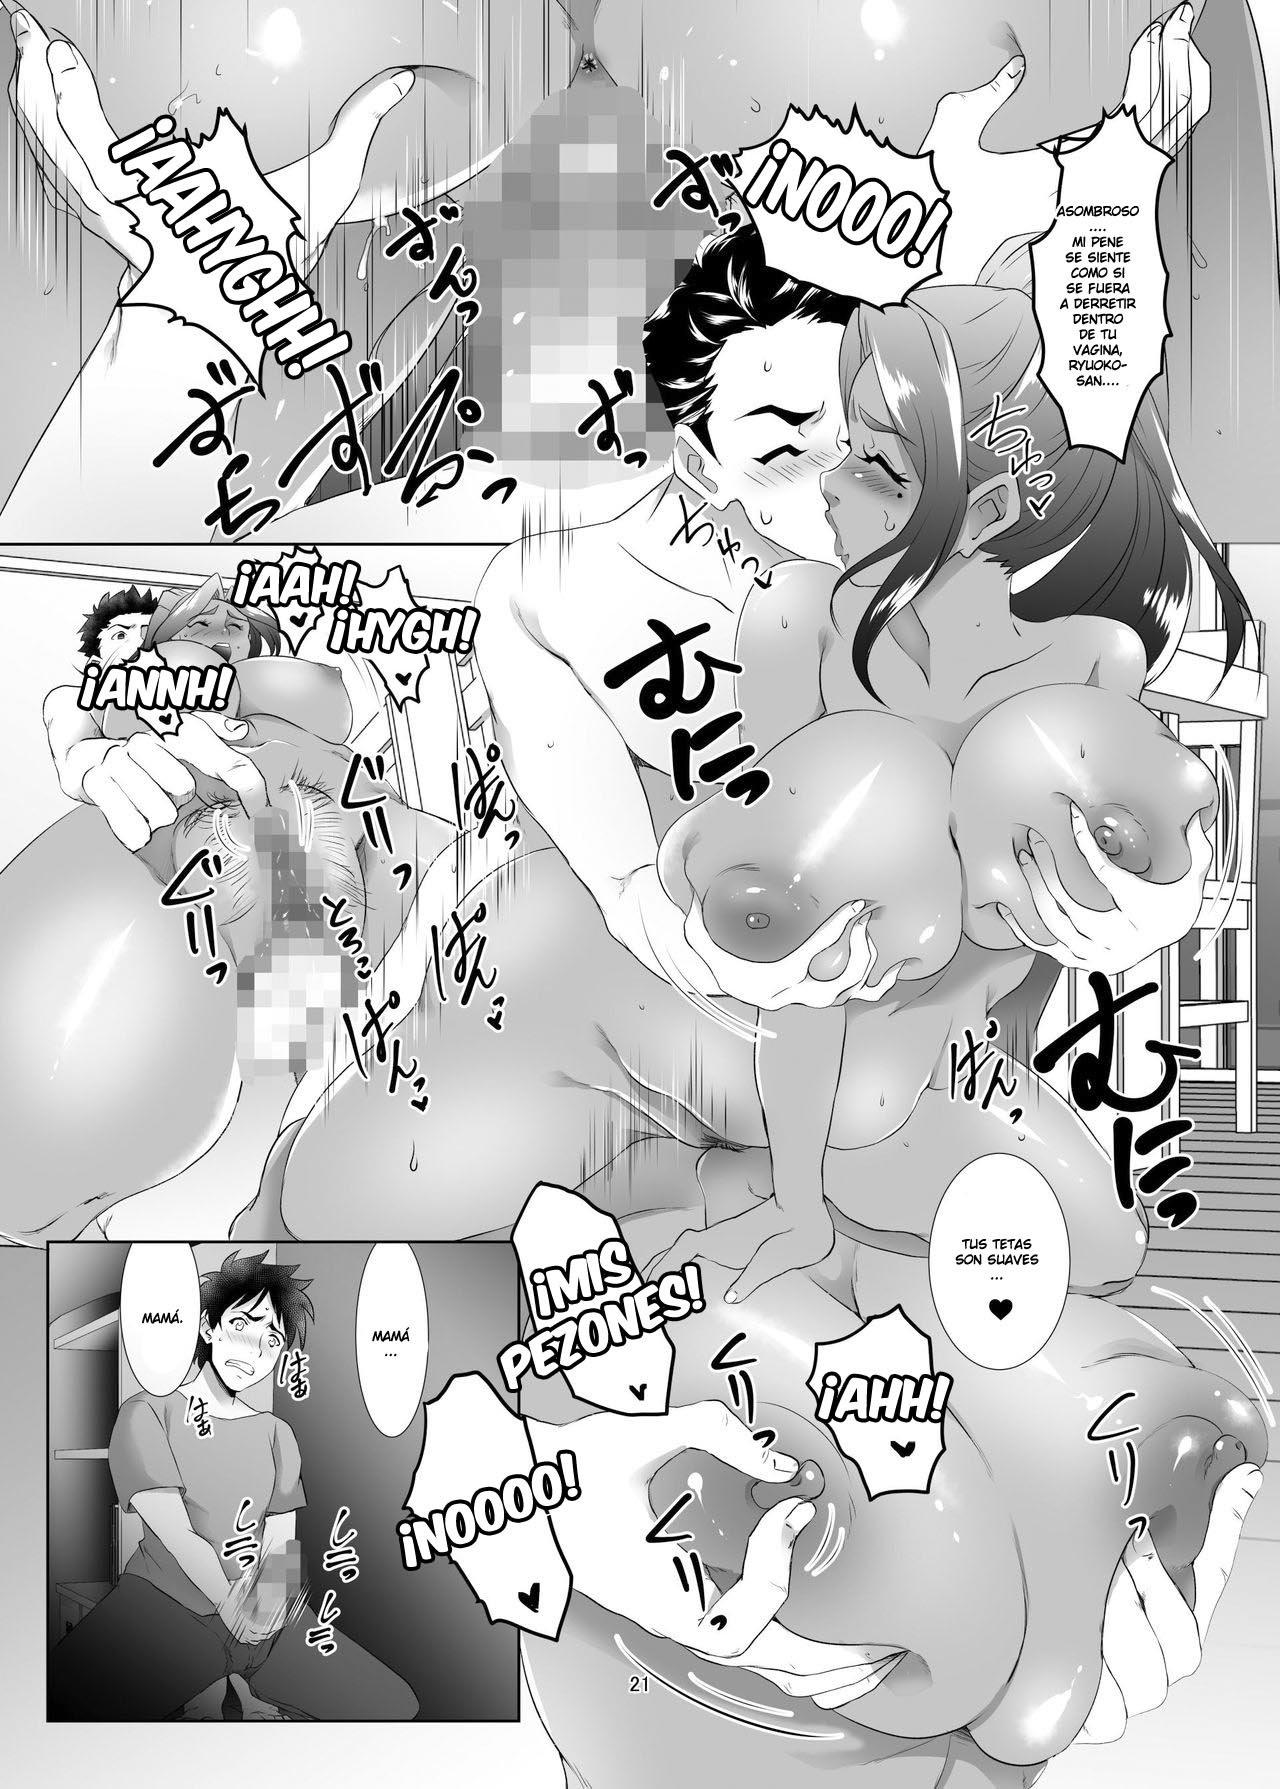 OMAE NO Kaa-Chan li Onna da yo na parte 1